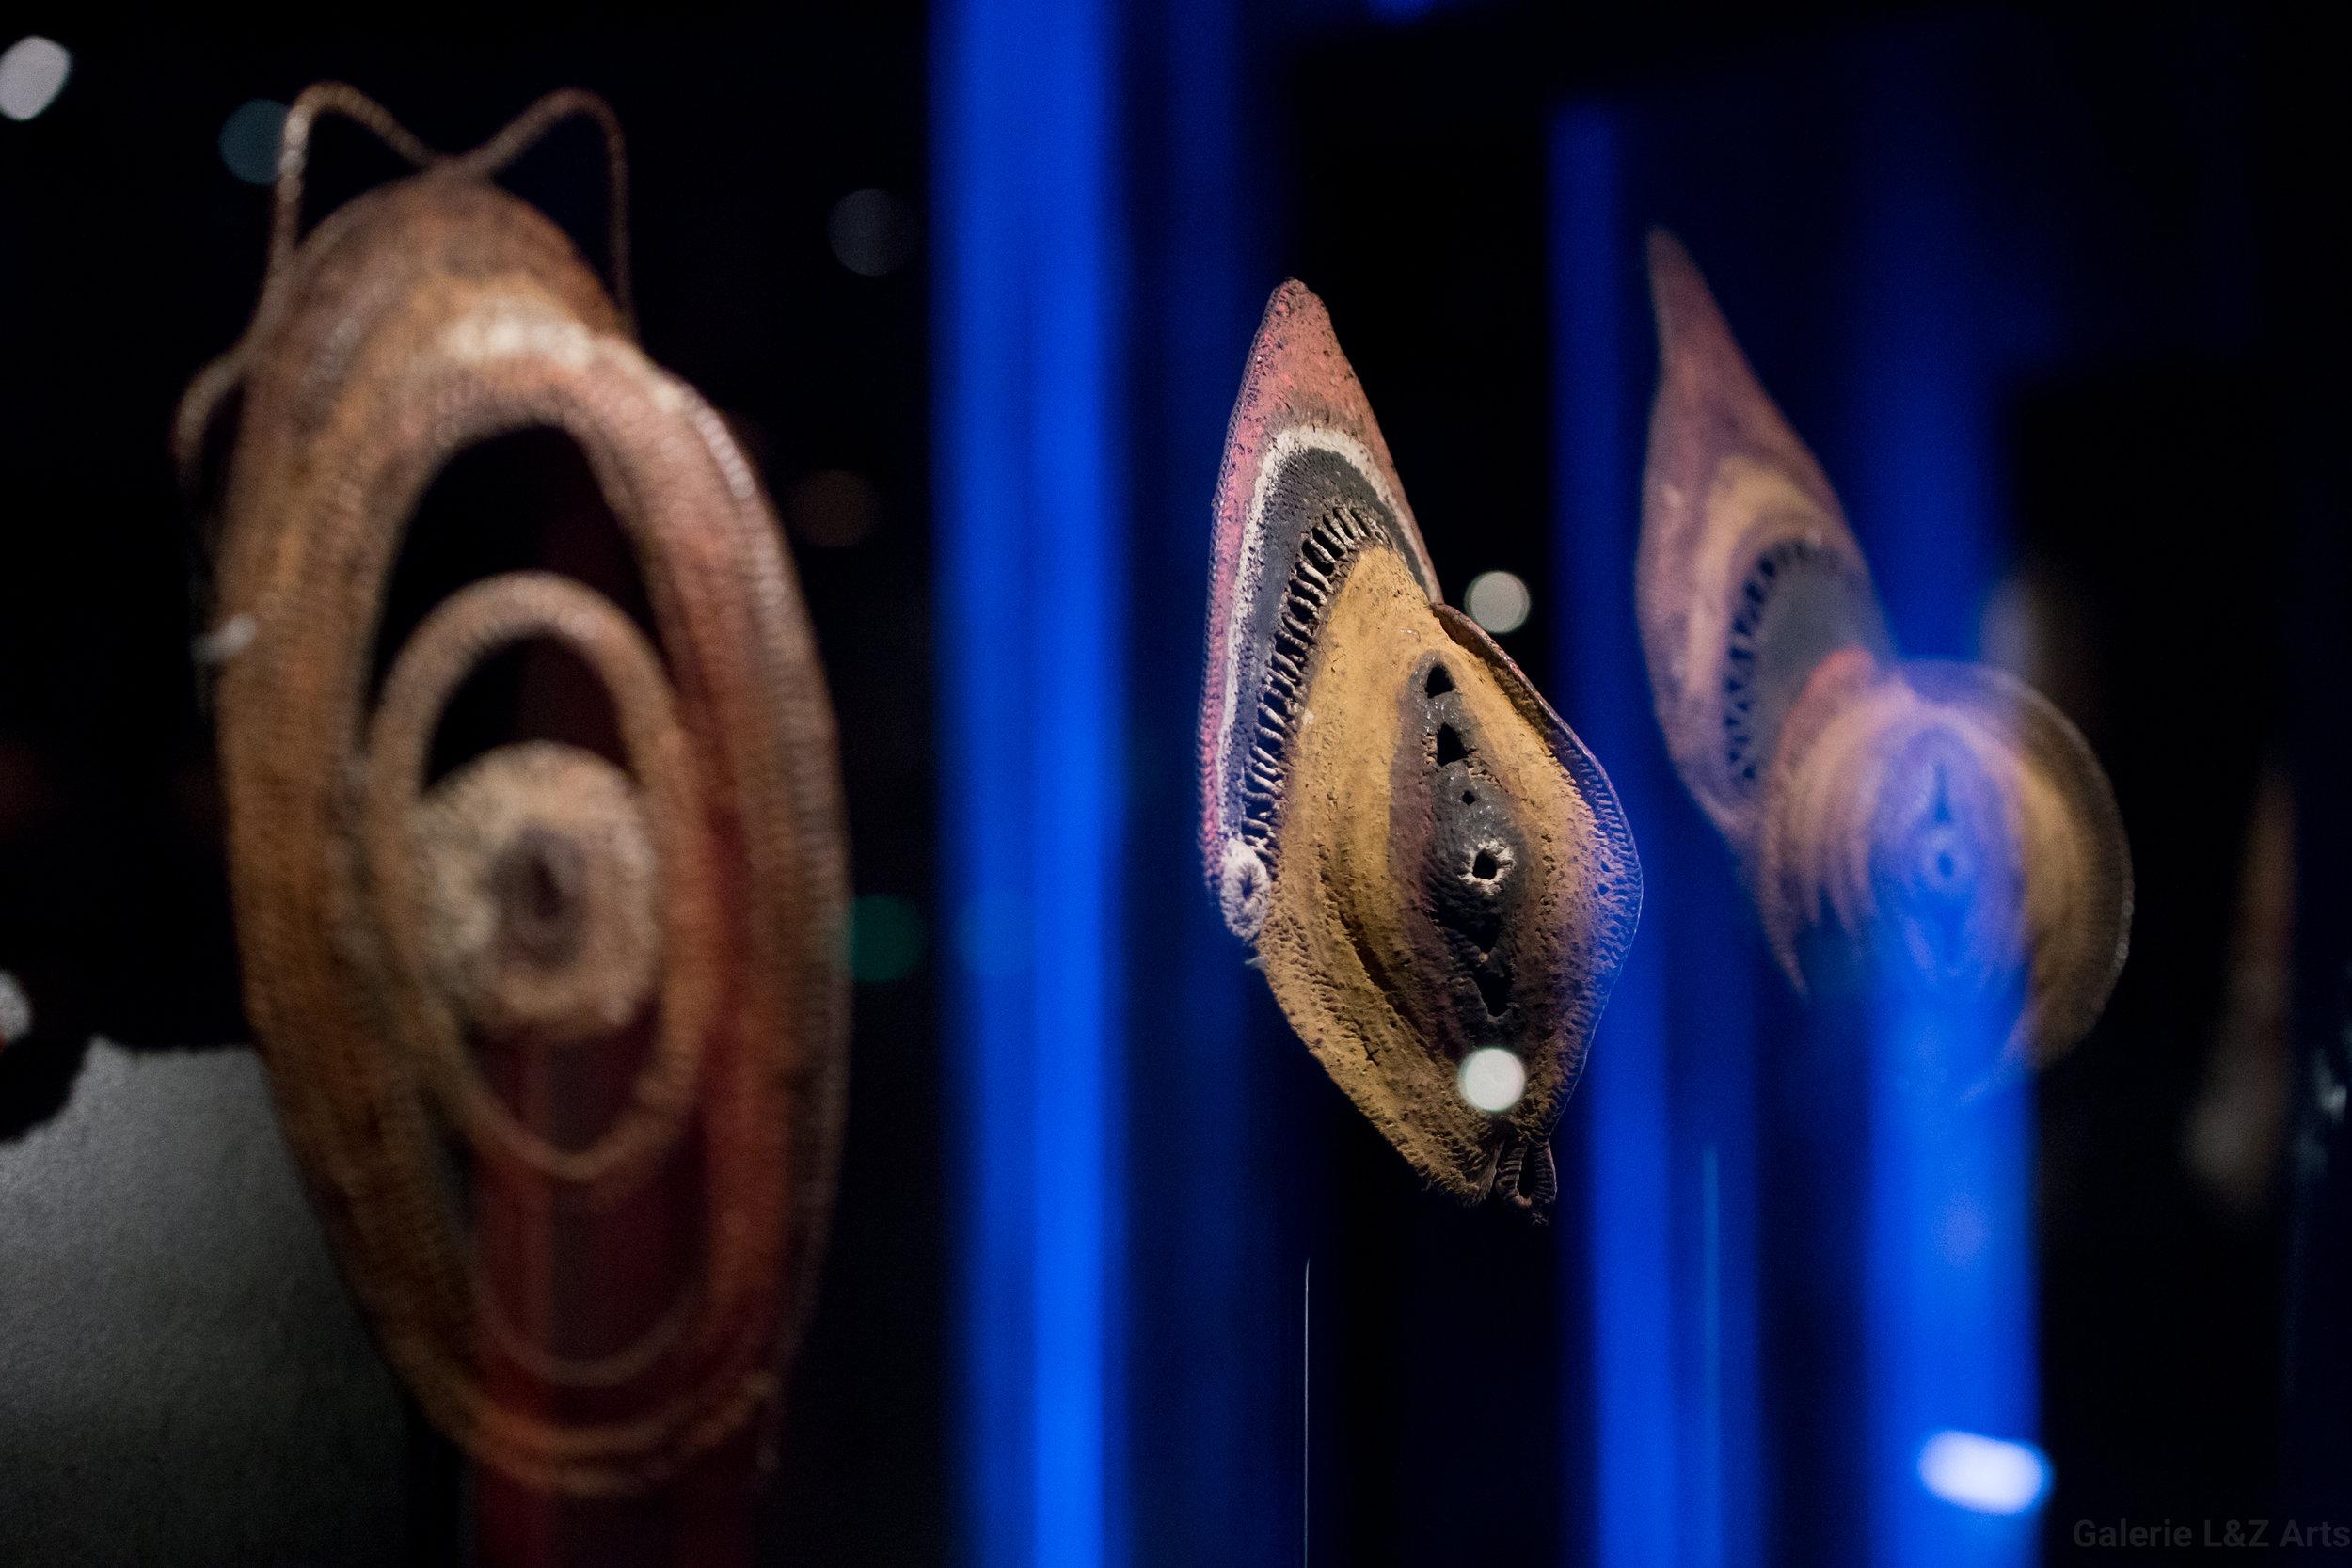 exposition-masque-art-tribal-africain-musee-quai-branly-belgique-galerie-lz-arts-liege-cite-miroir-oceanie-asie-japon-amerique-art-premier-nepal-23.jpg